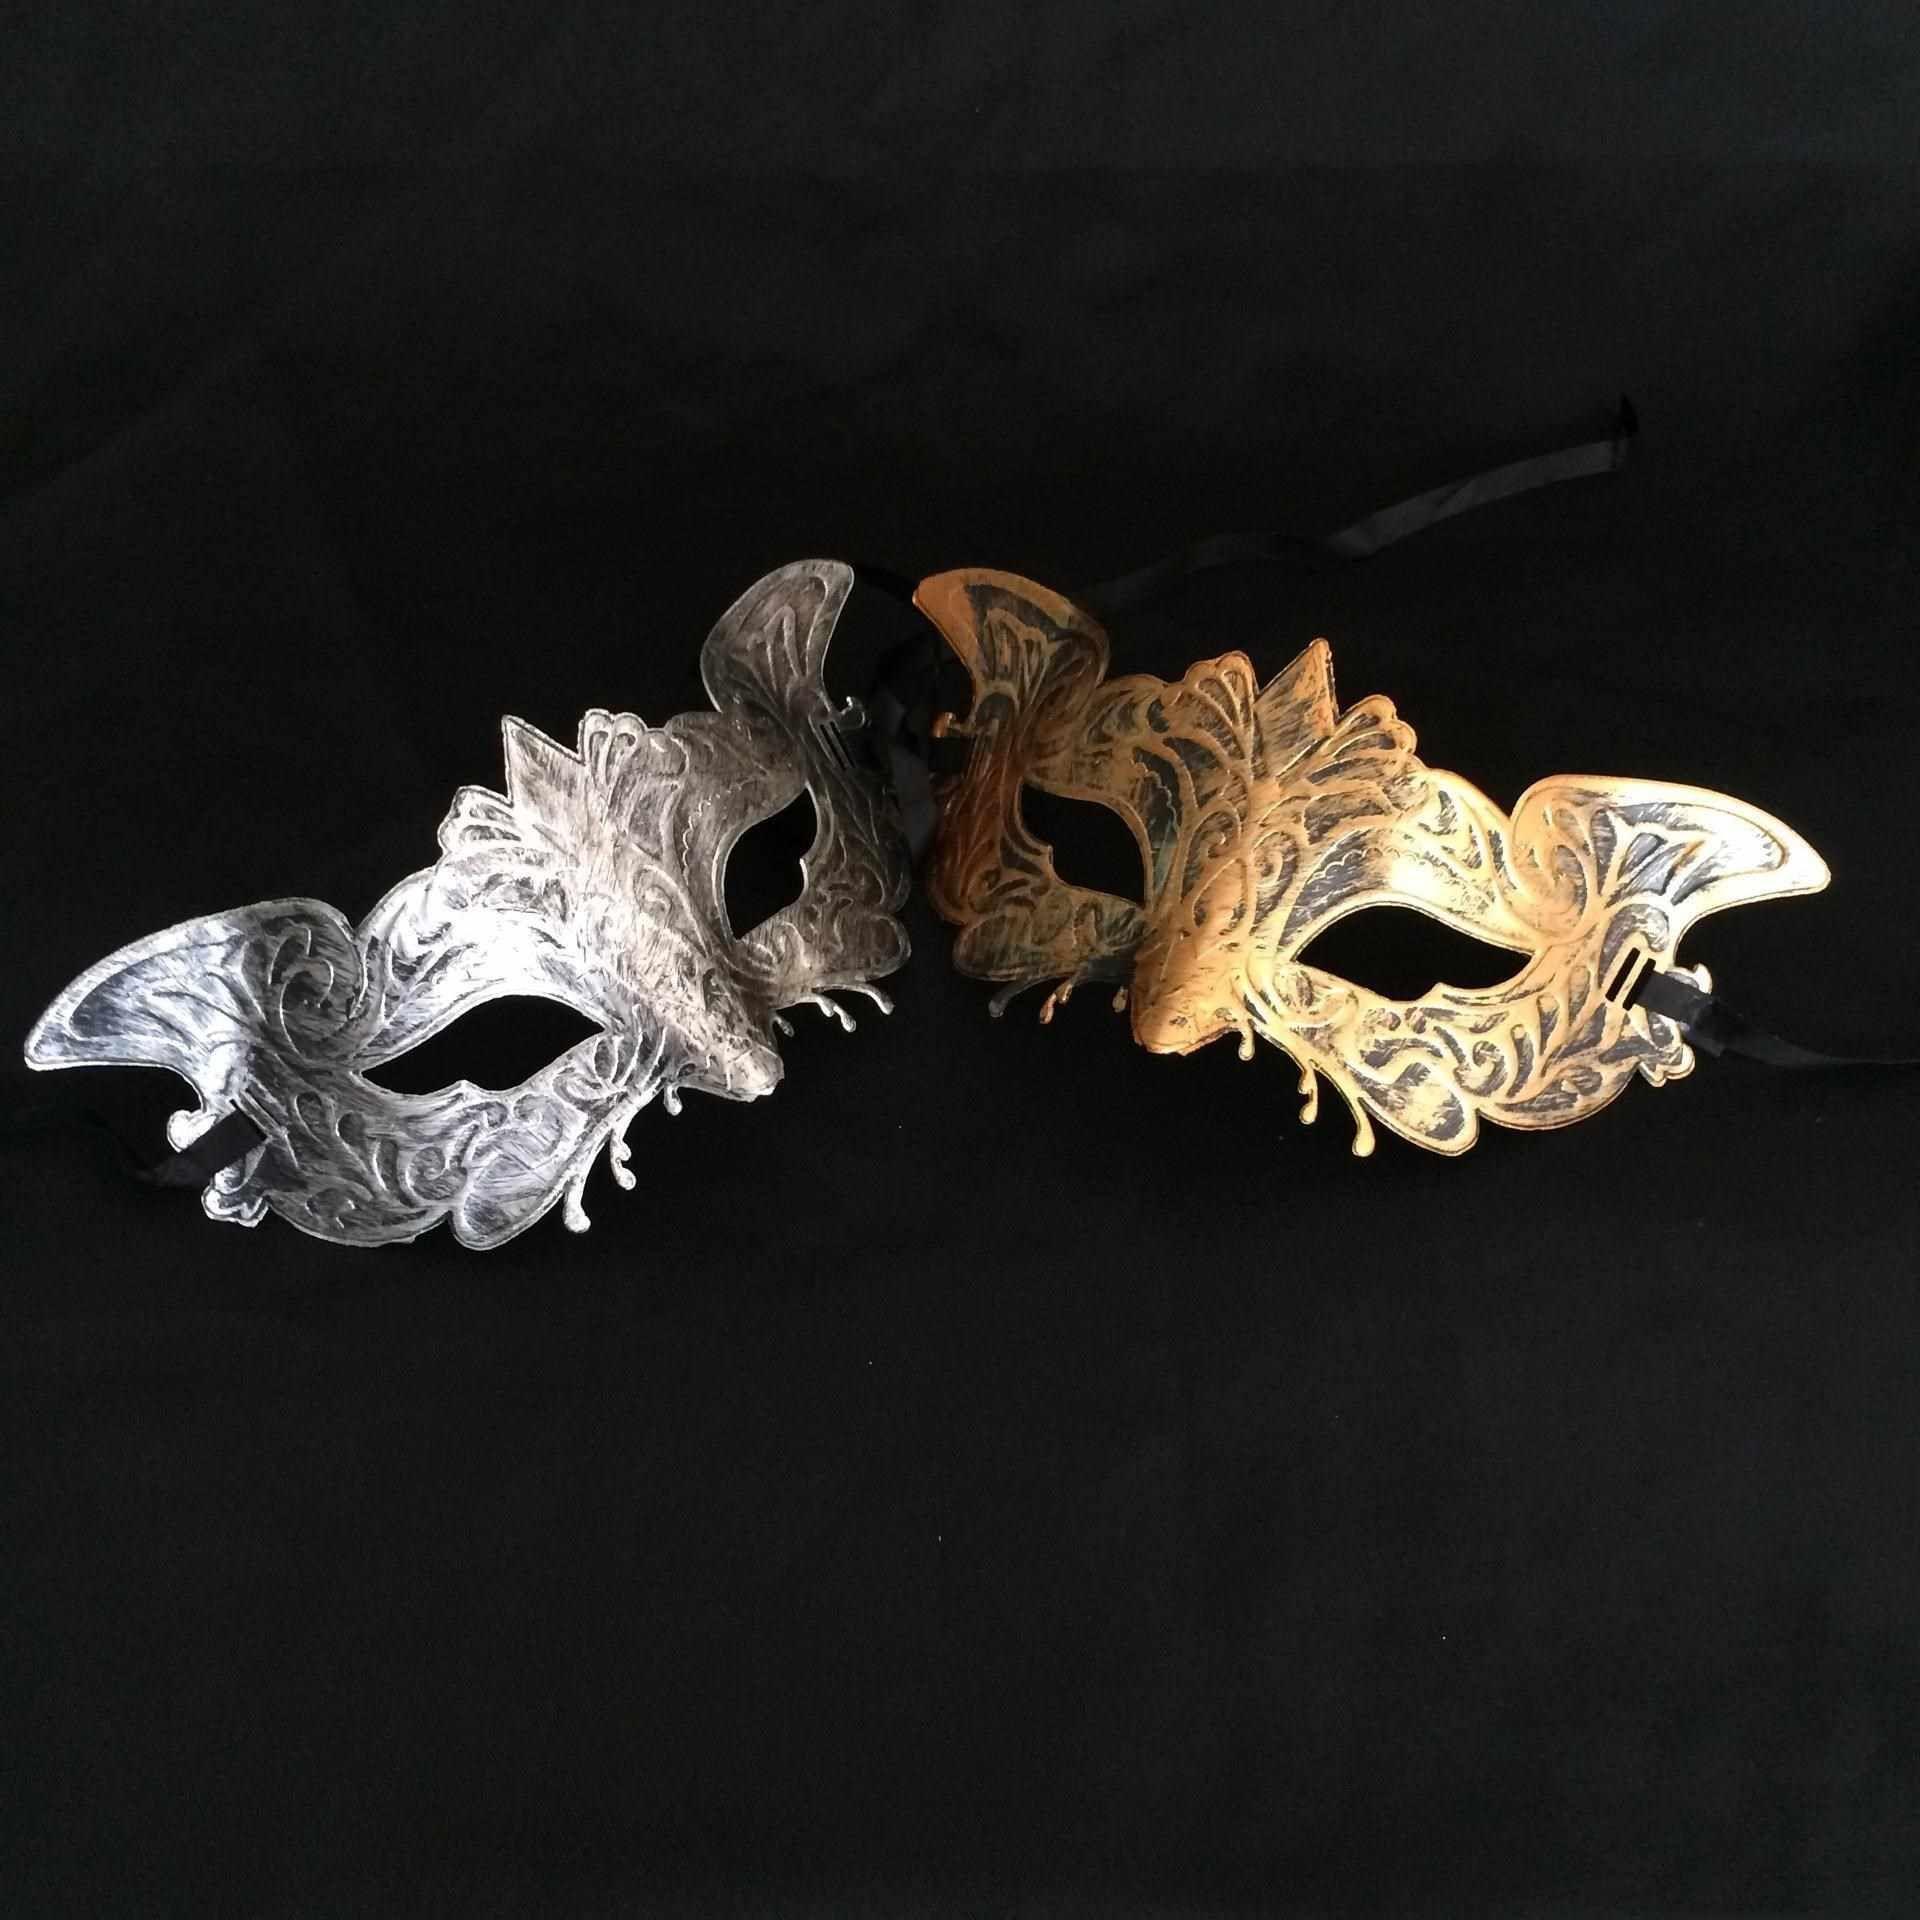 Máscara Máscaras de prata Party And ouro Cores disponíveis Dia das Bruxas mais retro Gras Masquerade Crianças Mardi Homem Mulher qpufY mywjqq